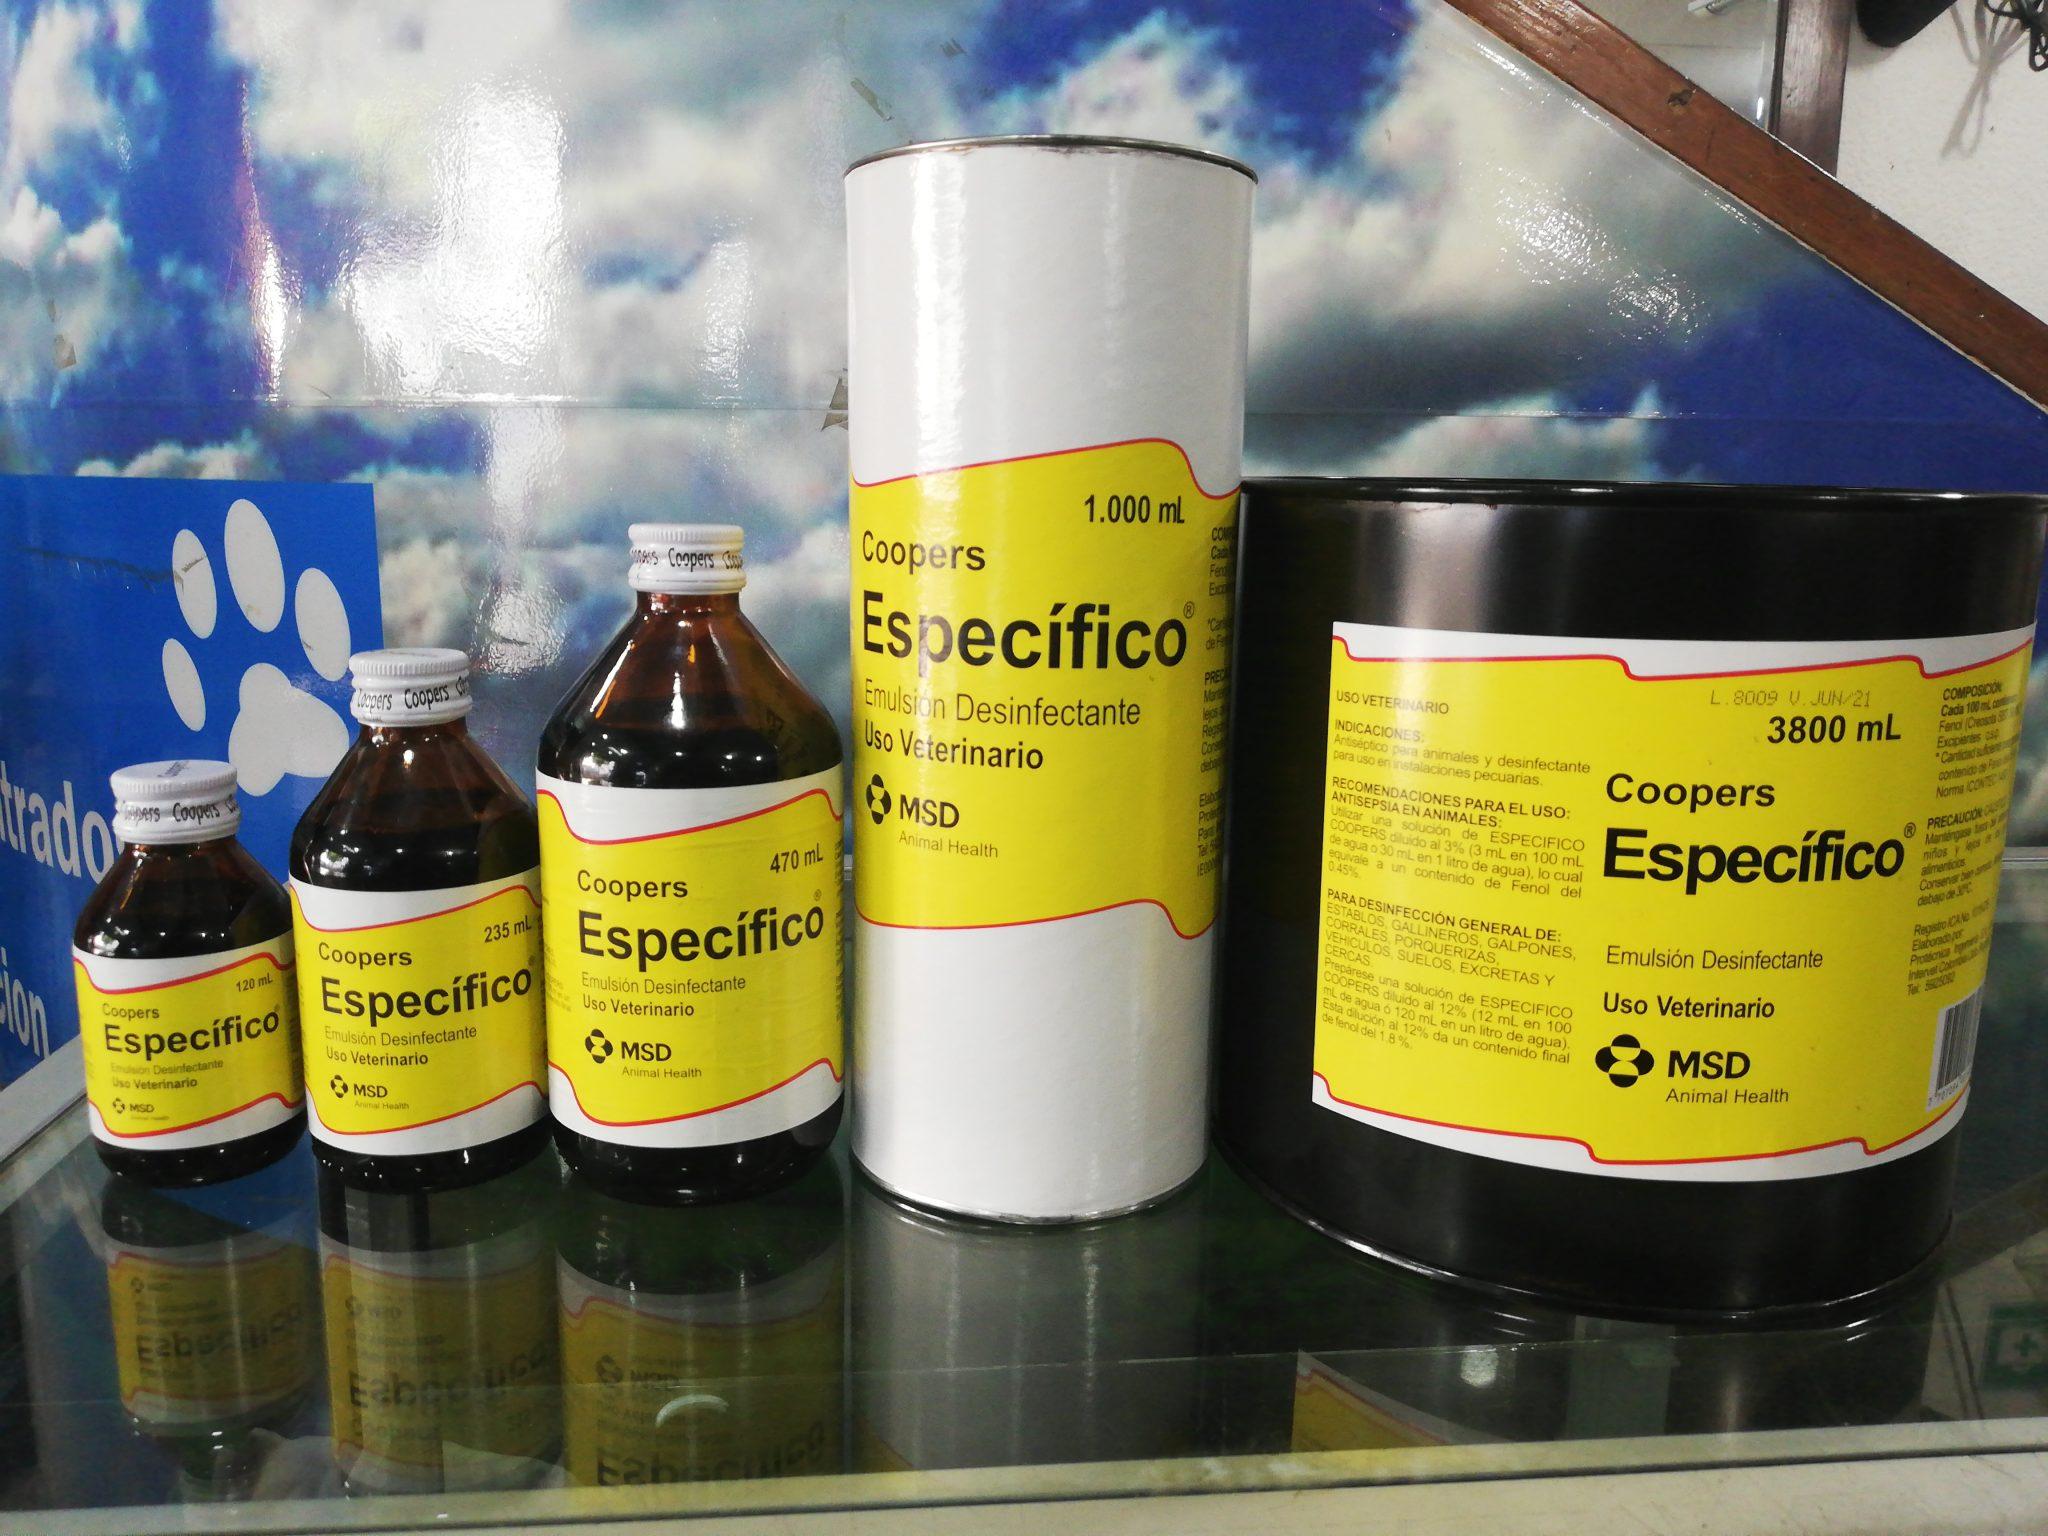 ESPECIFICO X 470 ML SCHERING